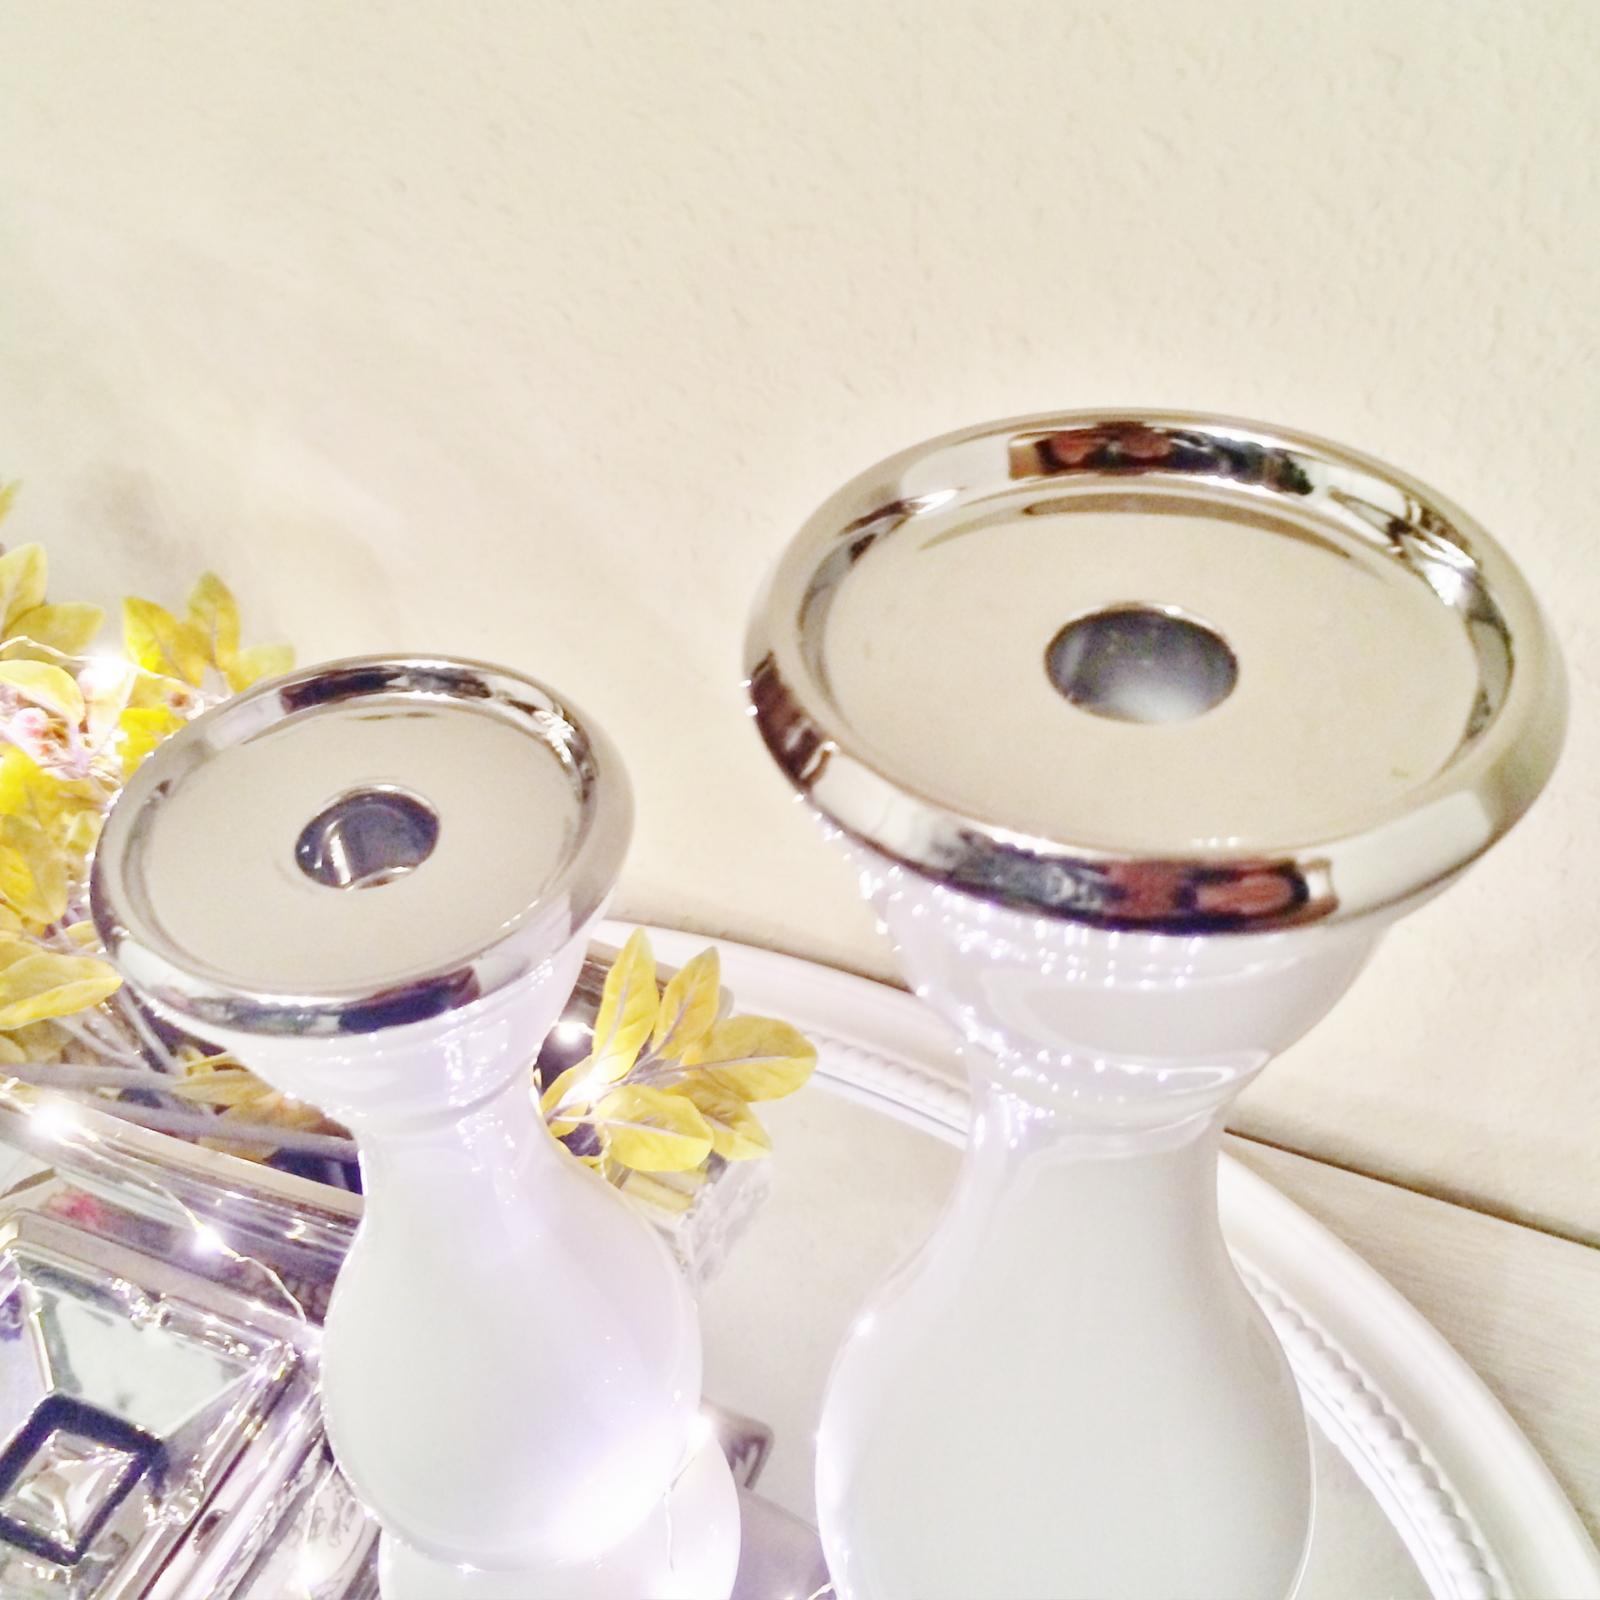 Bianco argento candelabro candeliere decorazione in for Decorazione ceramica